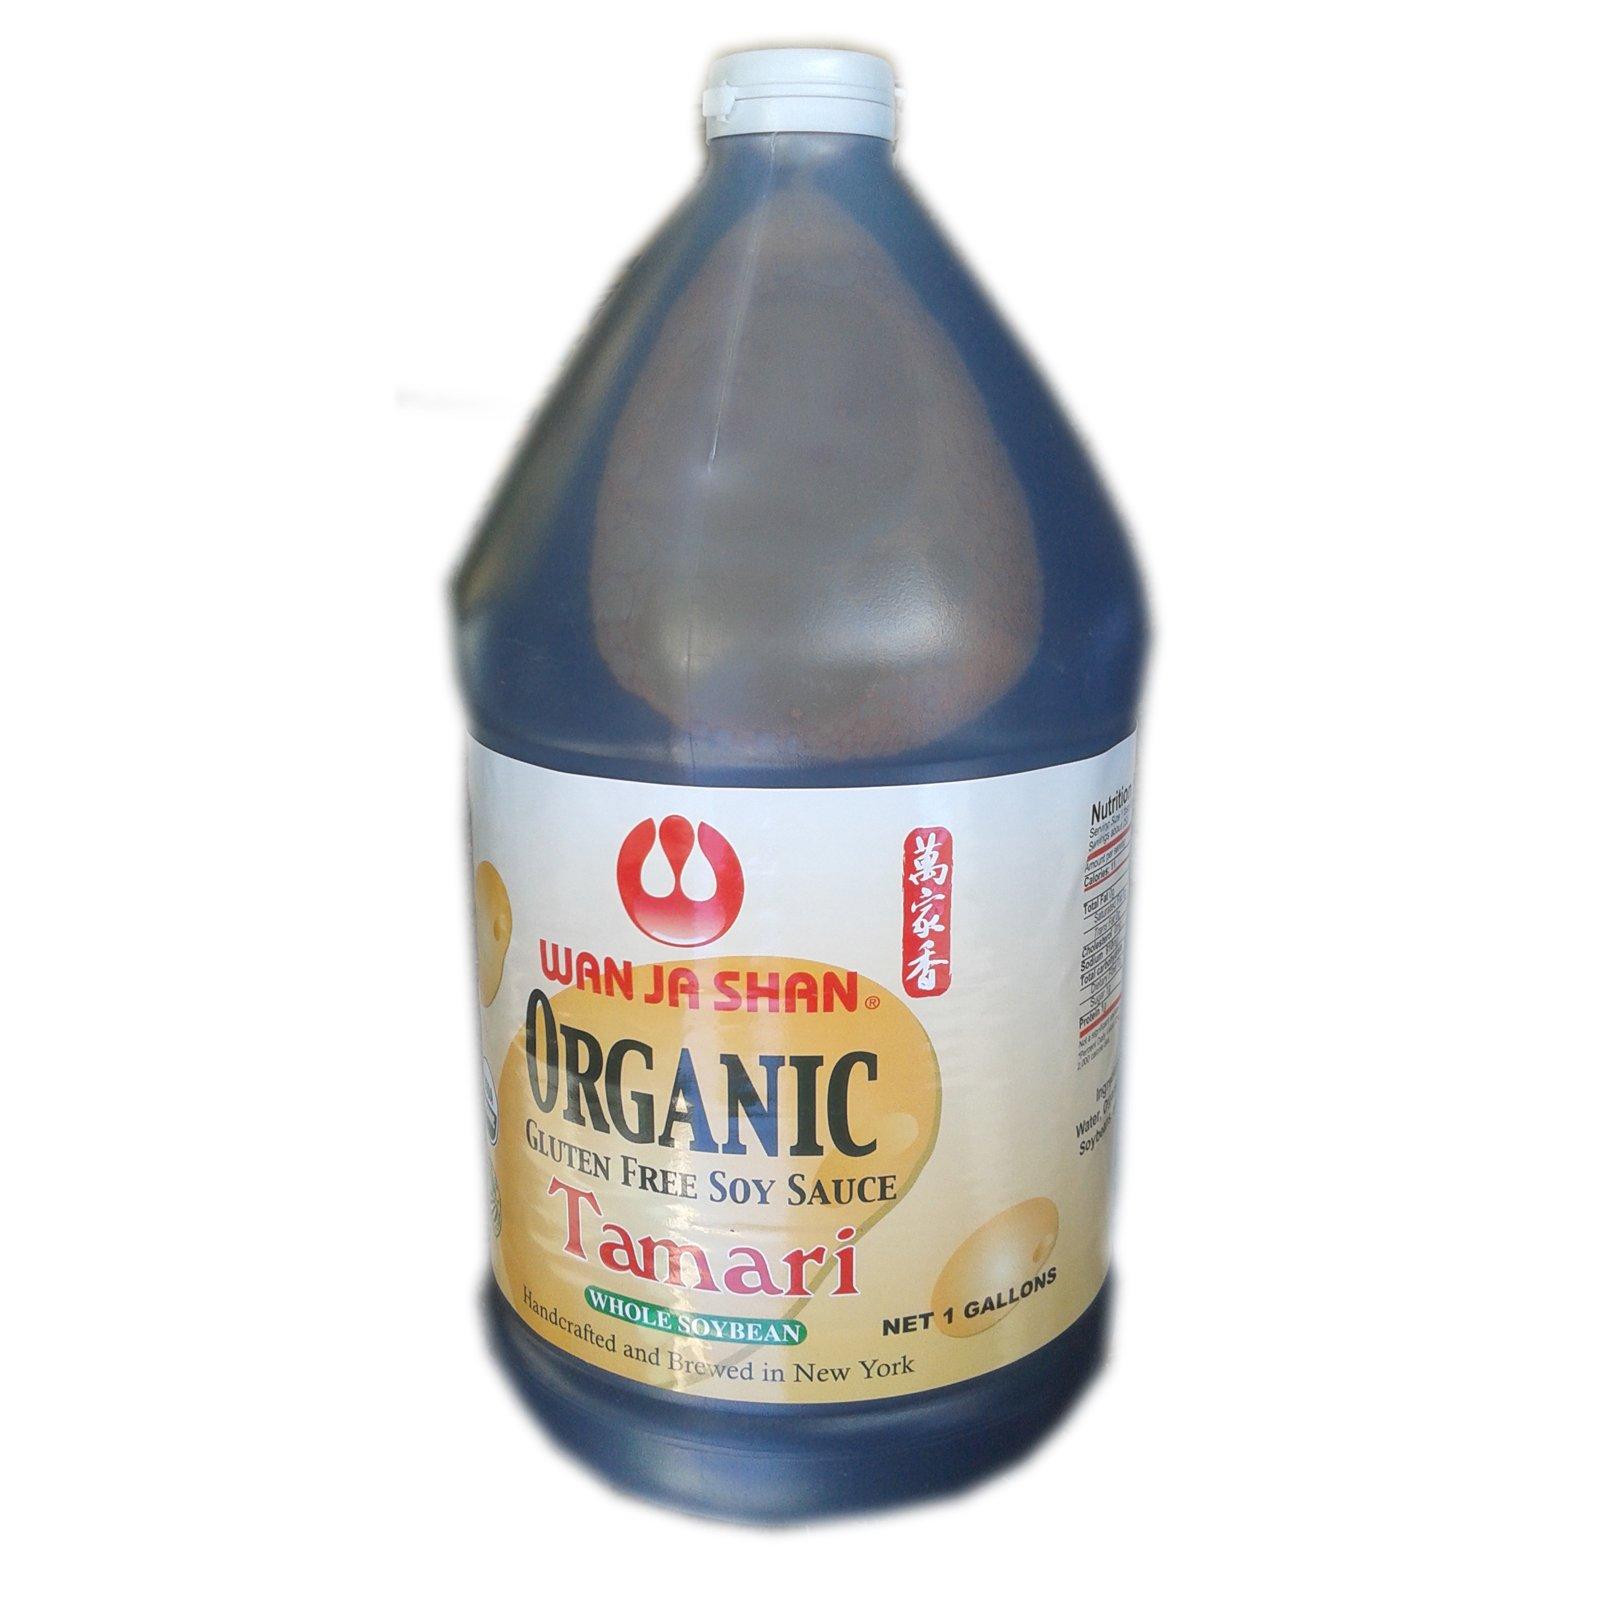 Wan Ja Shan Organic Gluten Free Soy Sauce - Tamari Sauce. 1 Gallon by Wan Ja Shan